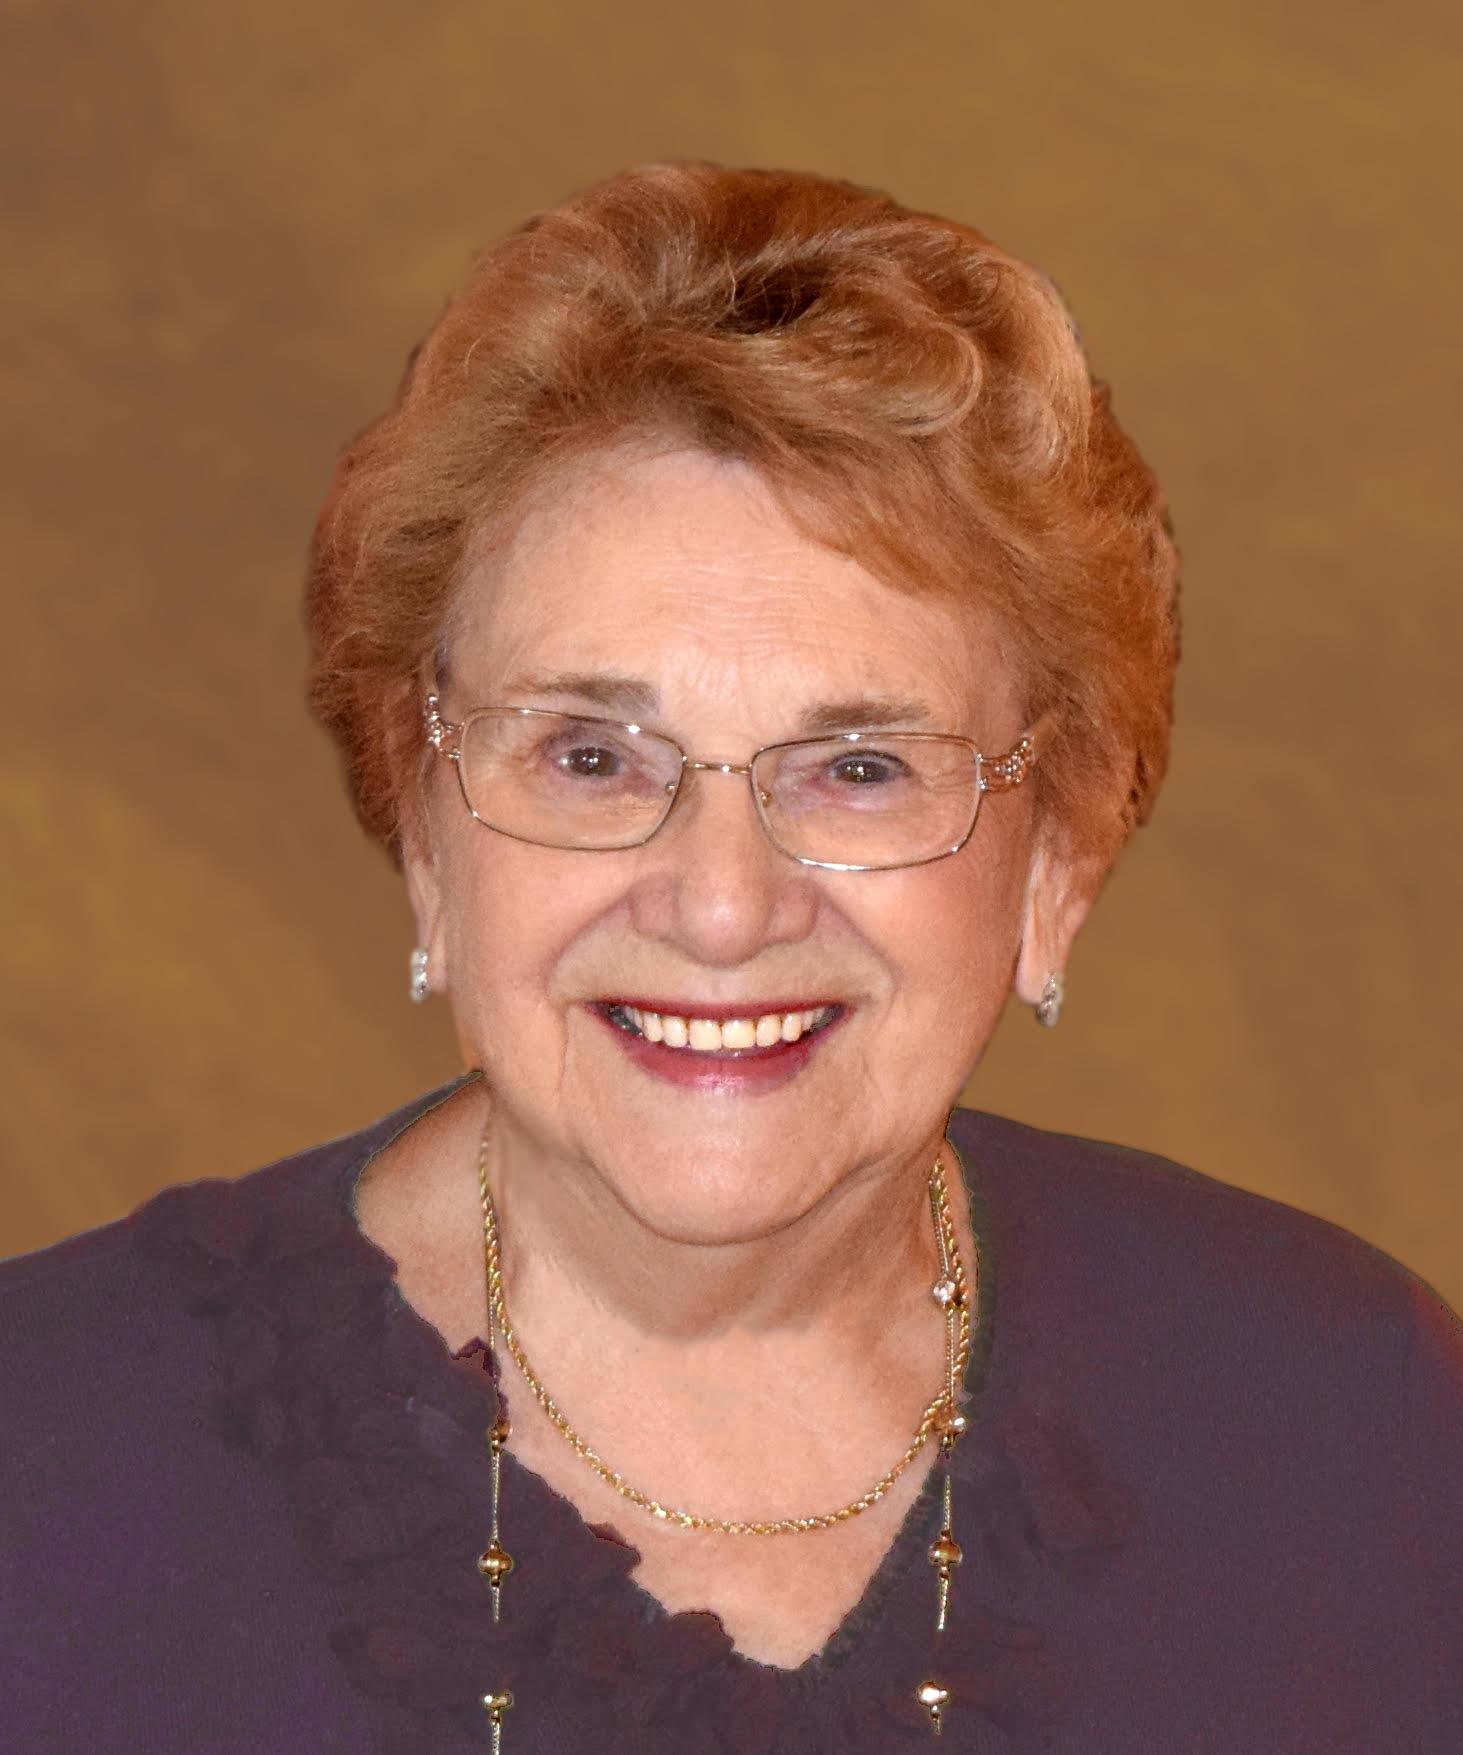 Claire Zwickl